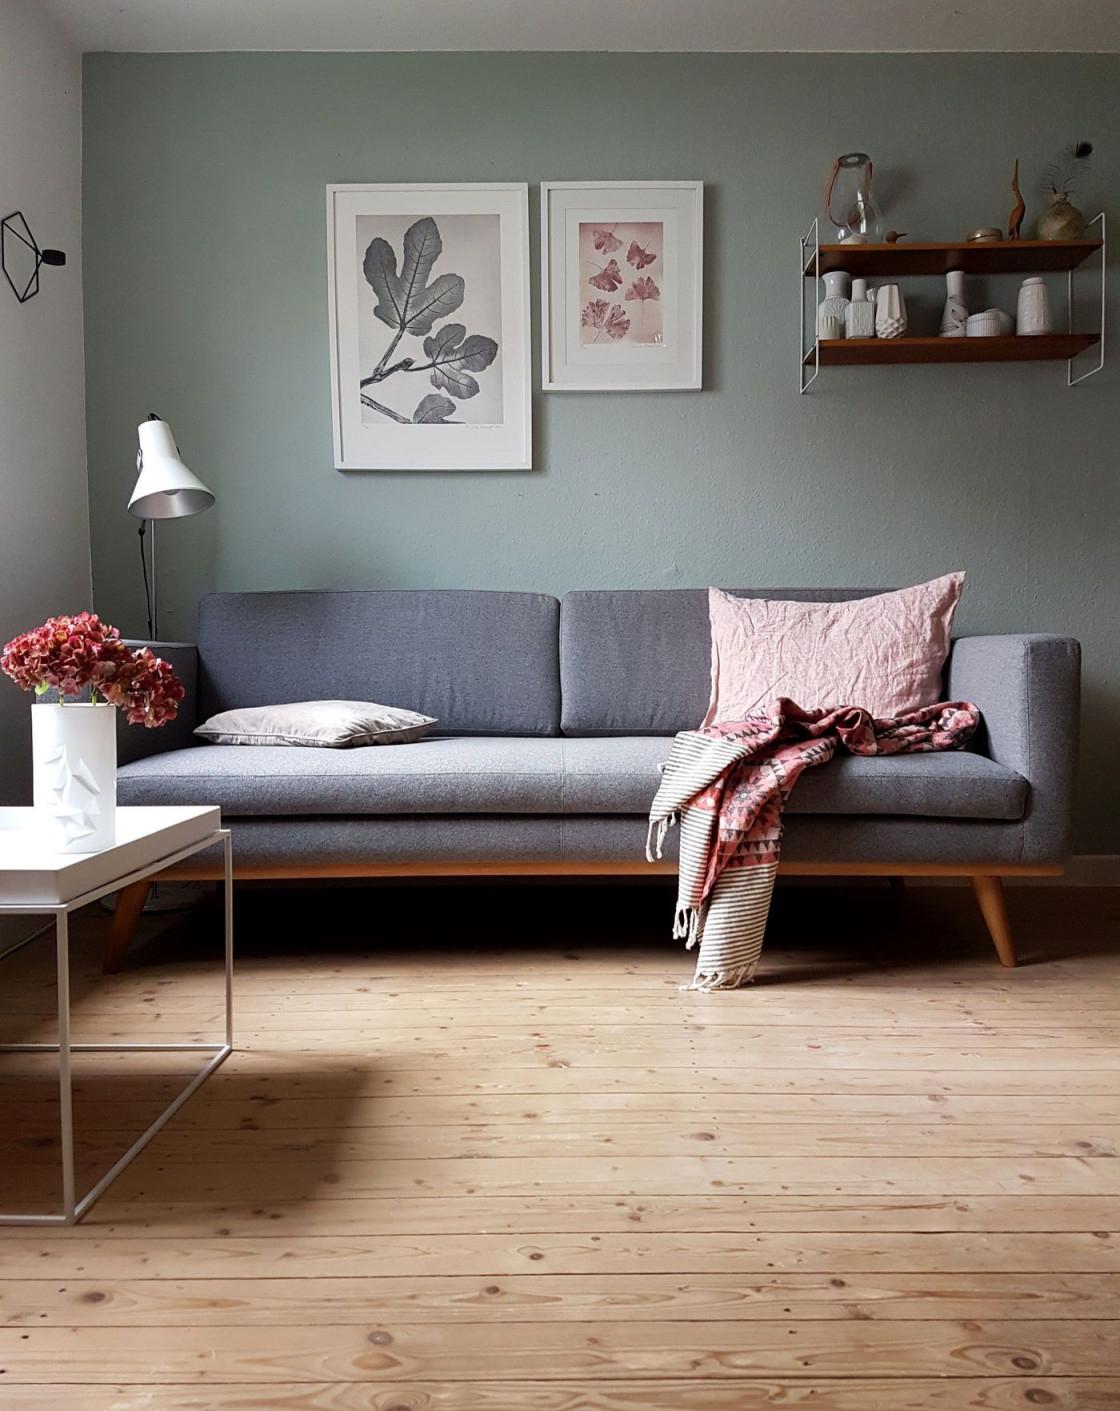 Die Schönsten Ideen Für Die Wandfarbe Im Wohnzimmer von Wohnzimmer Ideen Farbgestaltung Photo